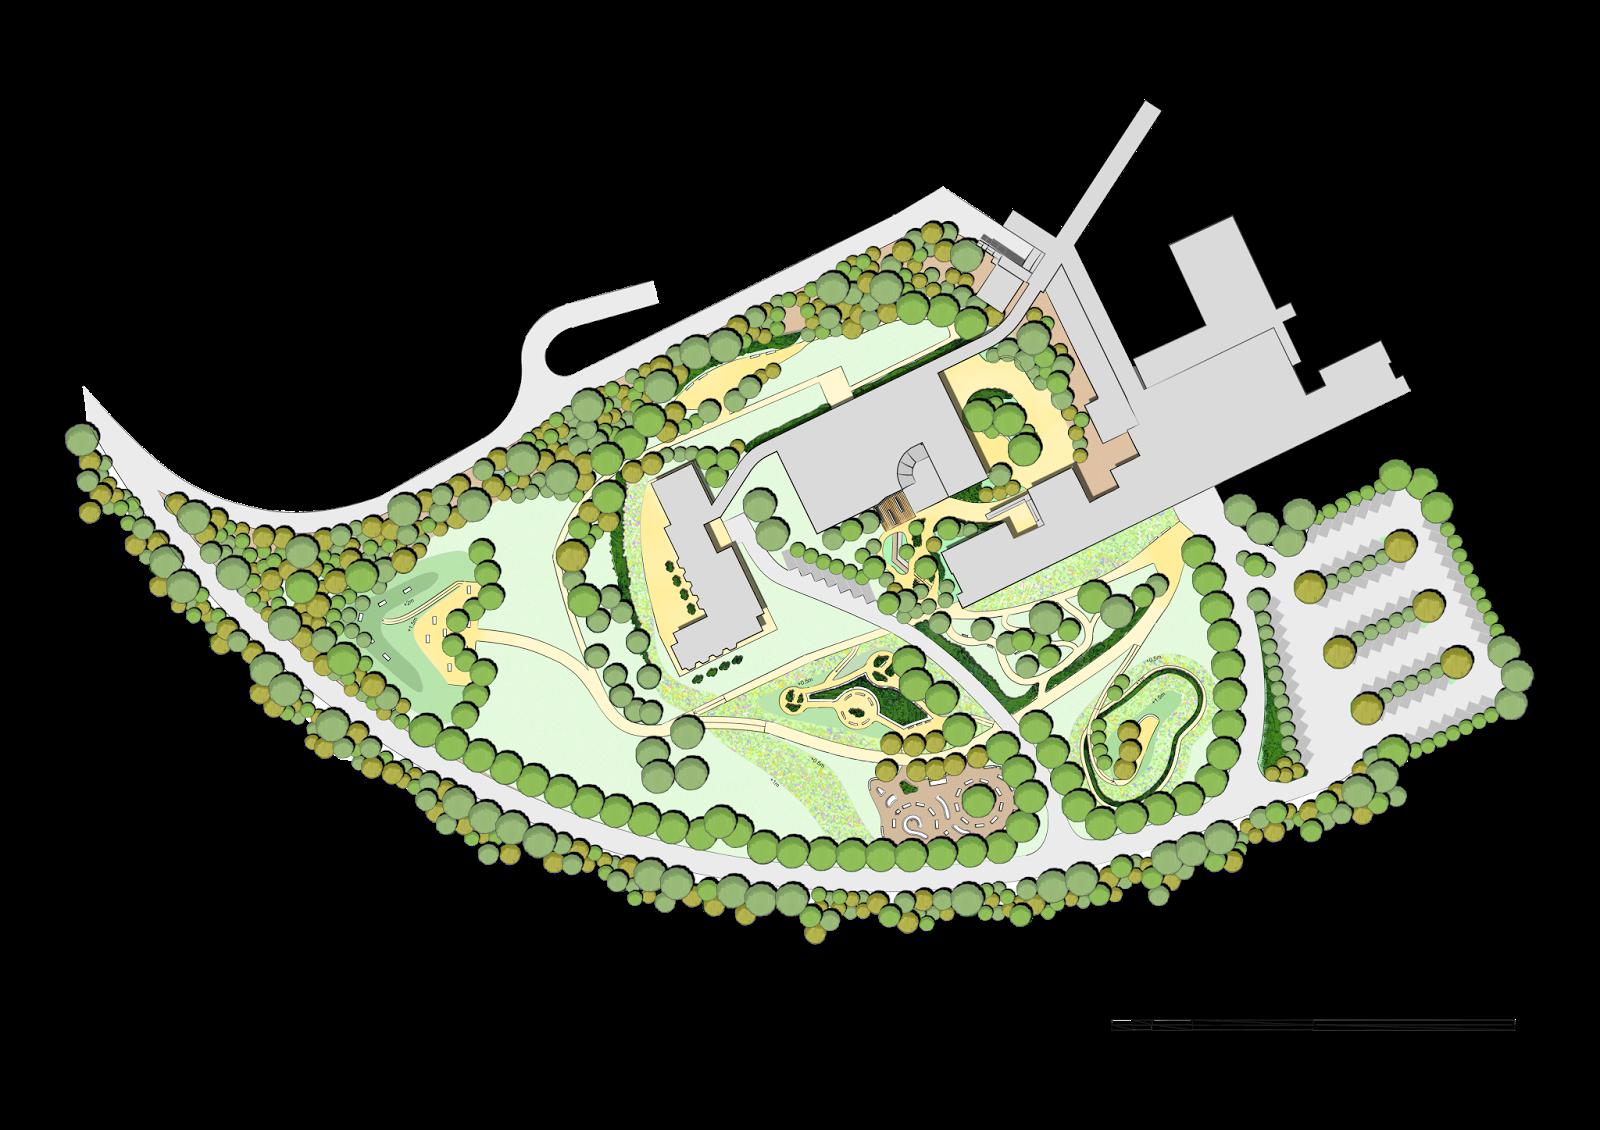 Progettare spazi verdi 2015 07 05 for Progettare spazi verdi